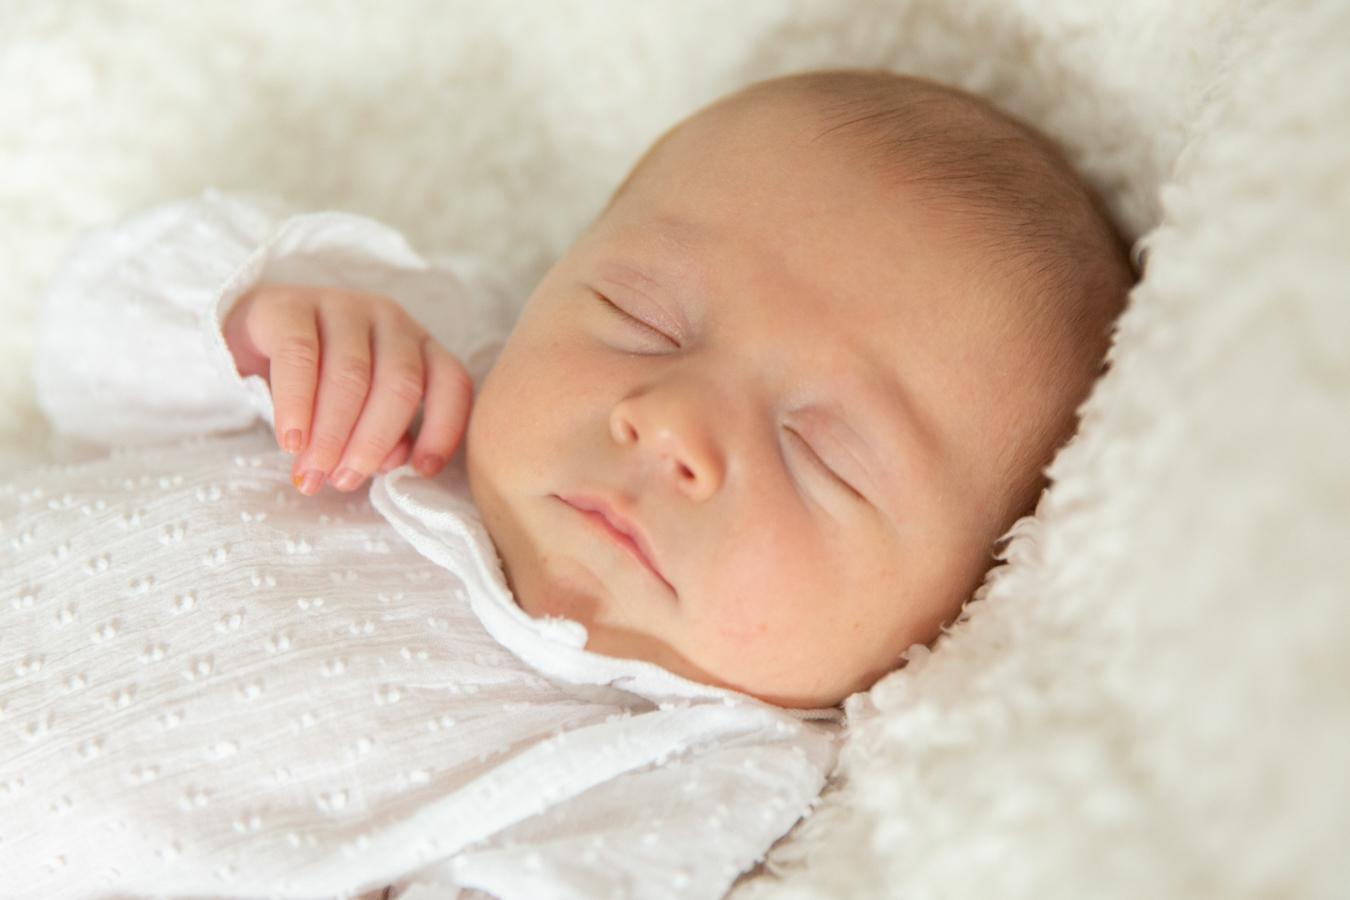 susanbonhoffotografie.newbornshoot.eerbeek-20.jpg